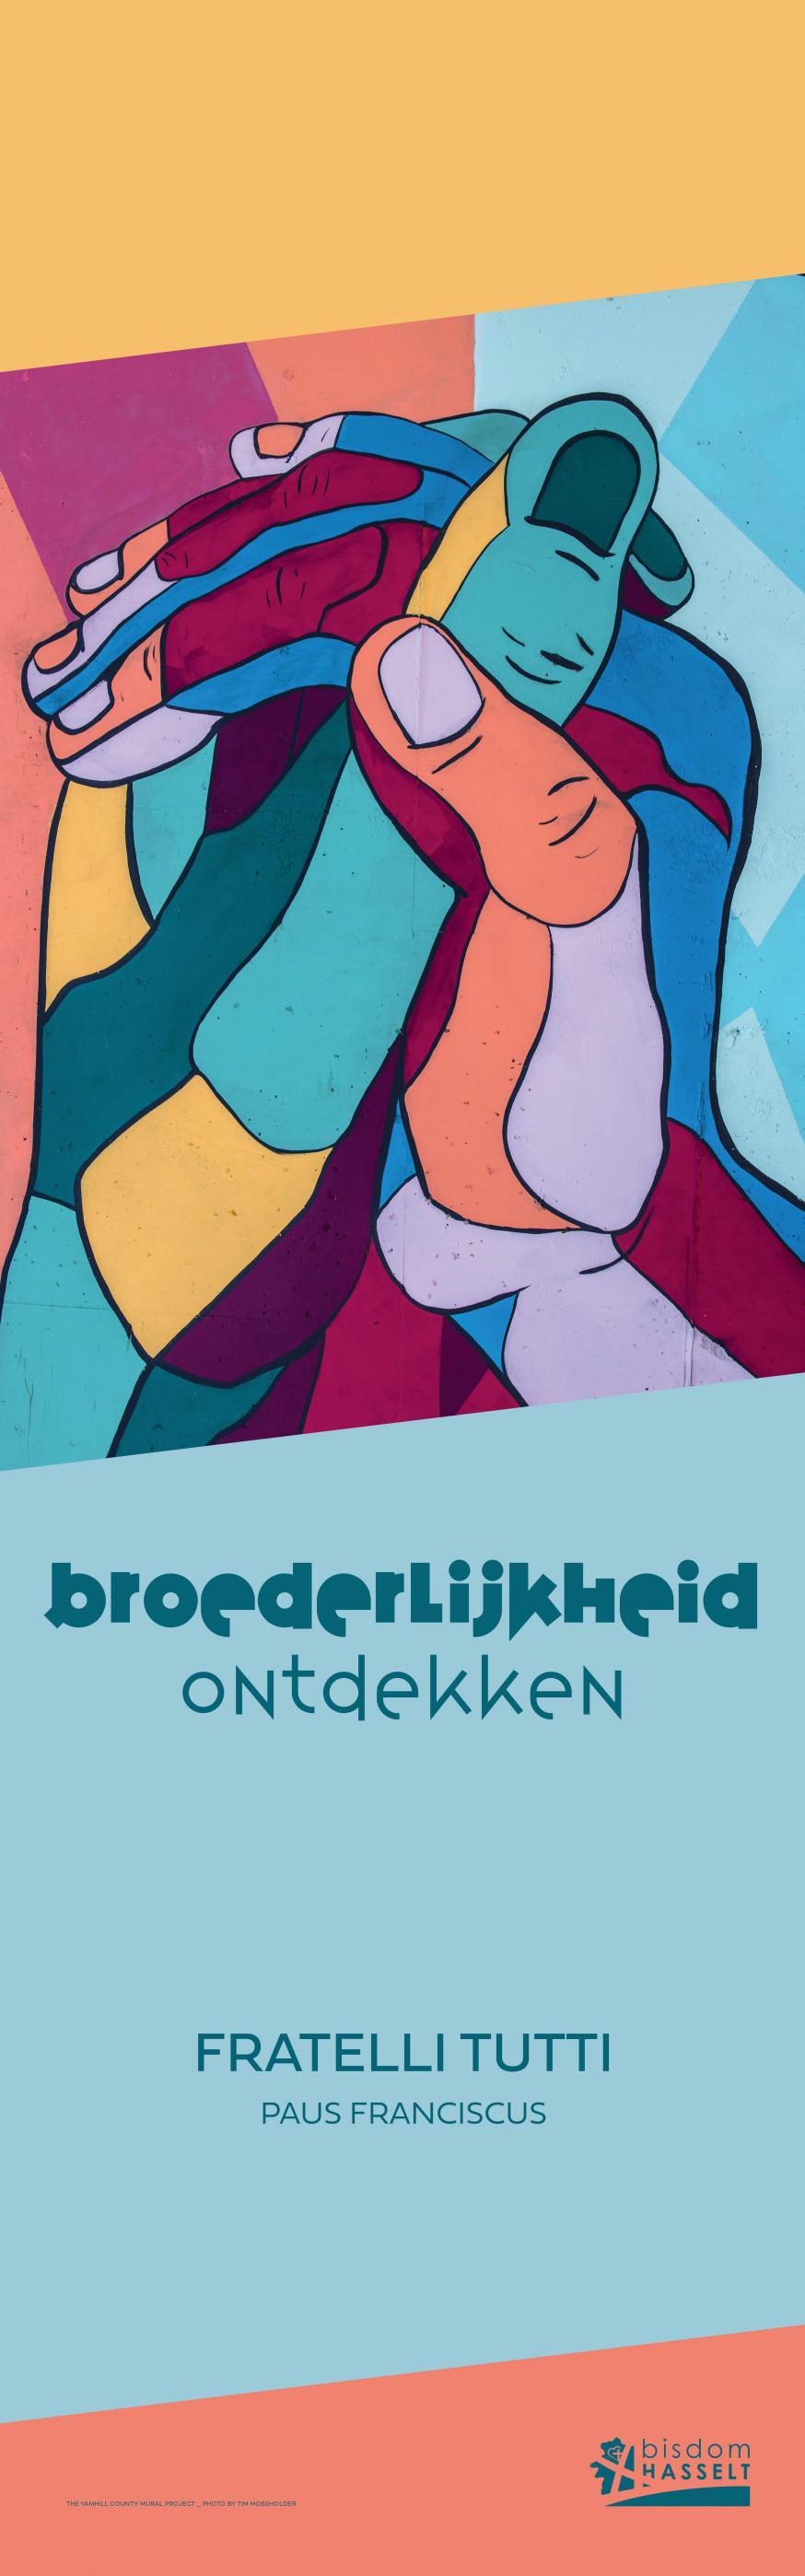 Affiche jaarthema © bisdom Hasselt